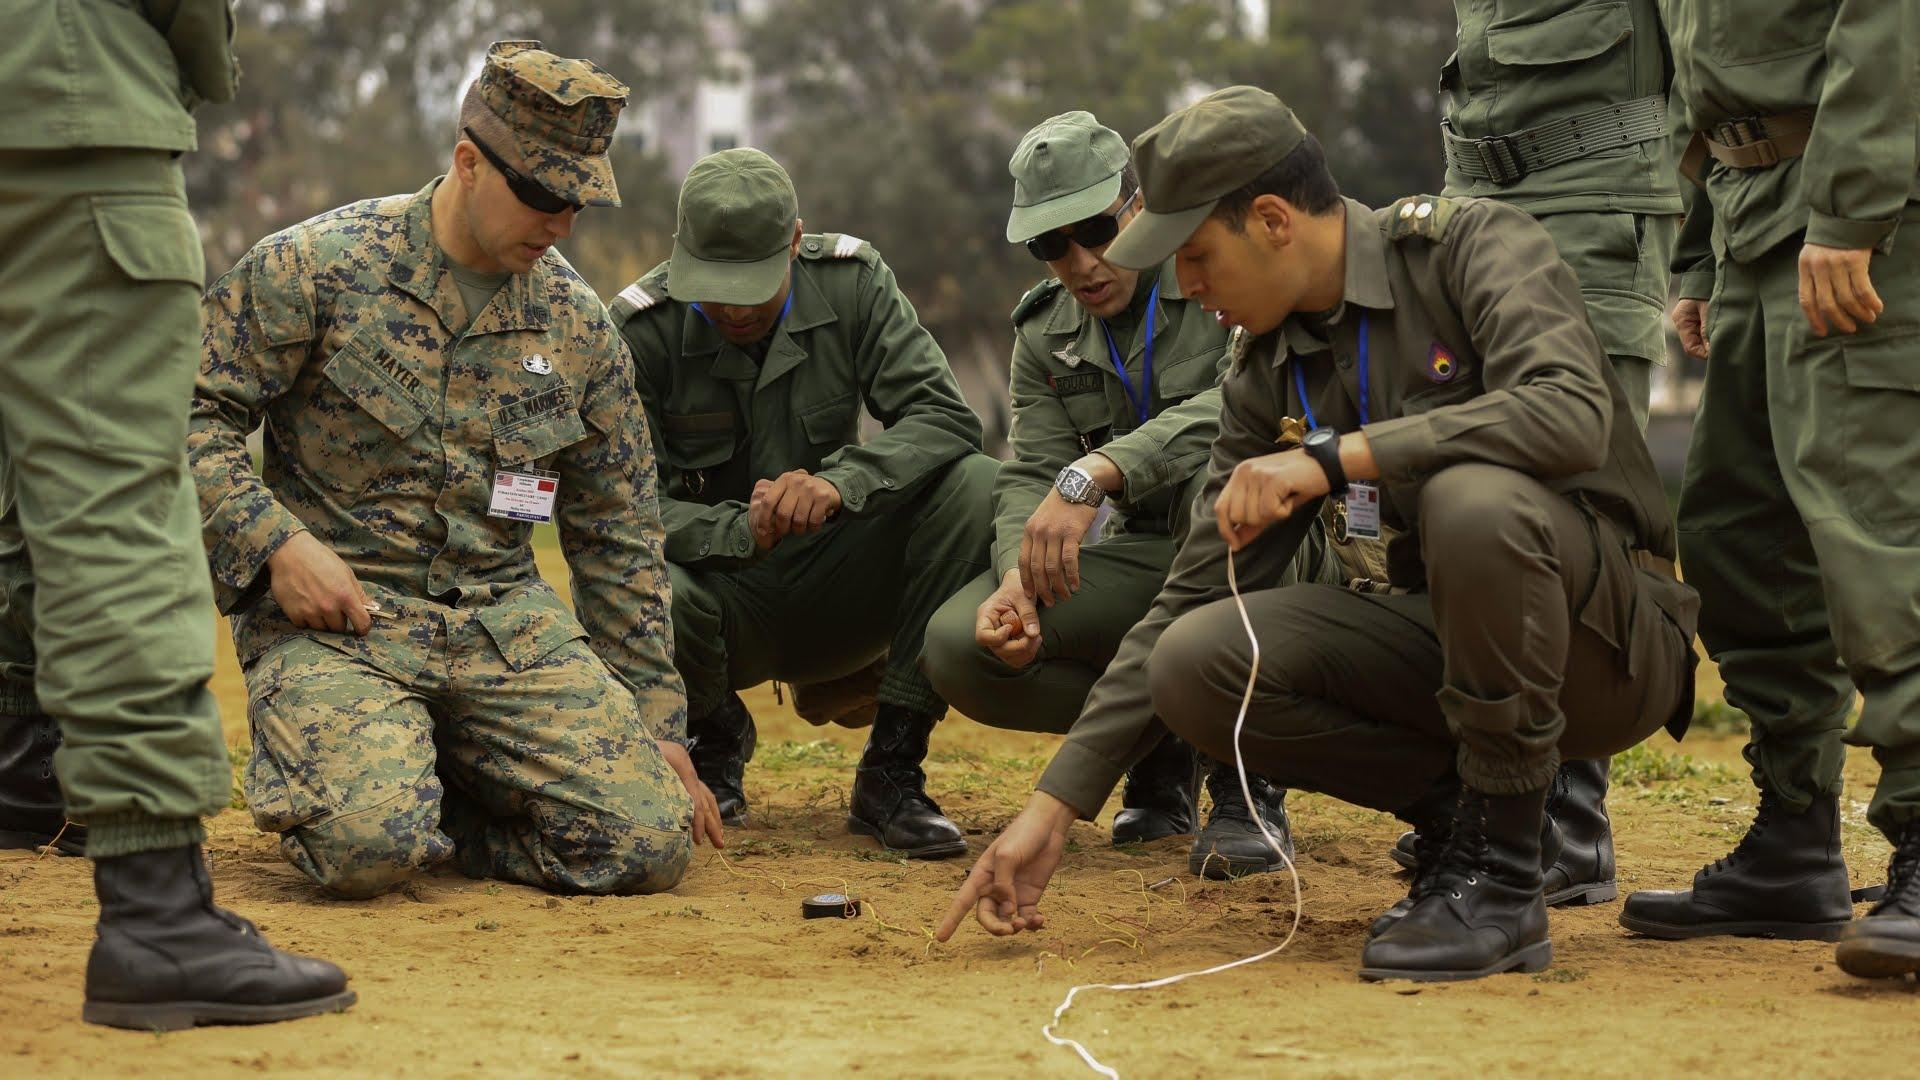 عناصر الجيش المغربي تصد لصوص تسللوا إلى ثكنة عسكرية بالعرائيش